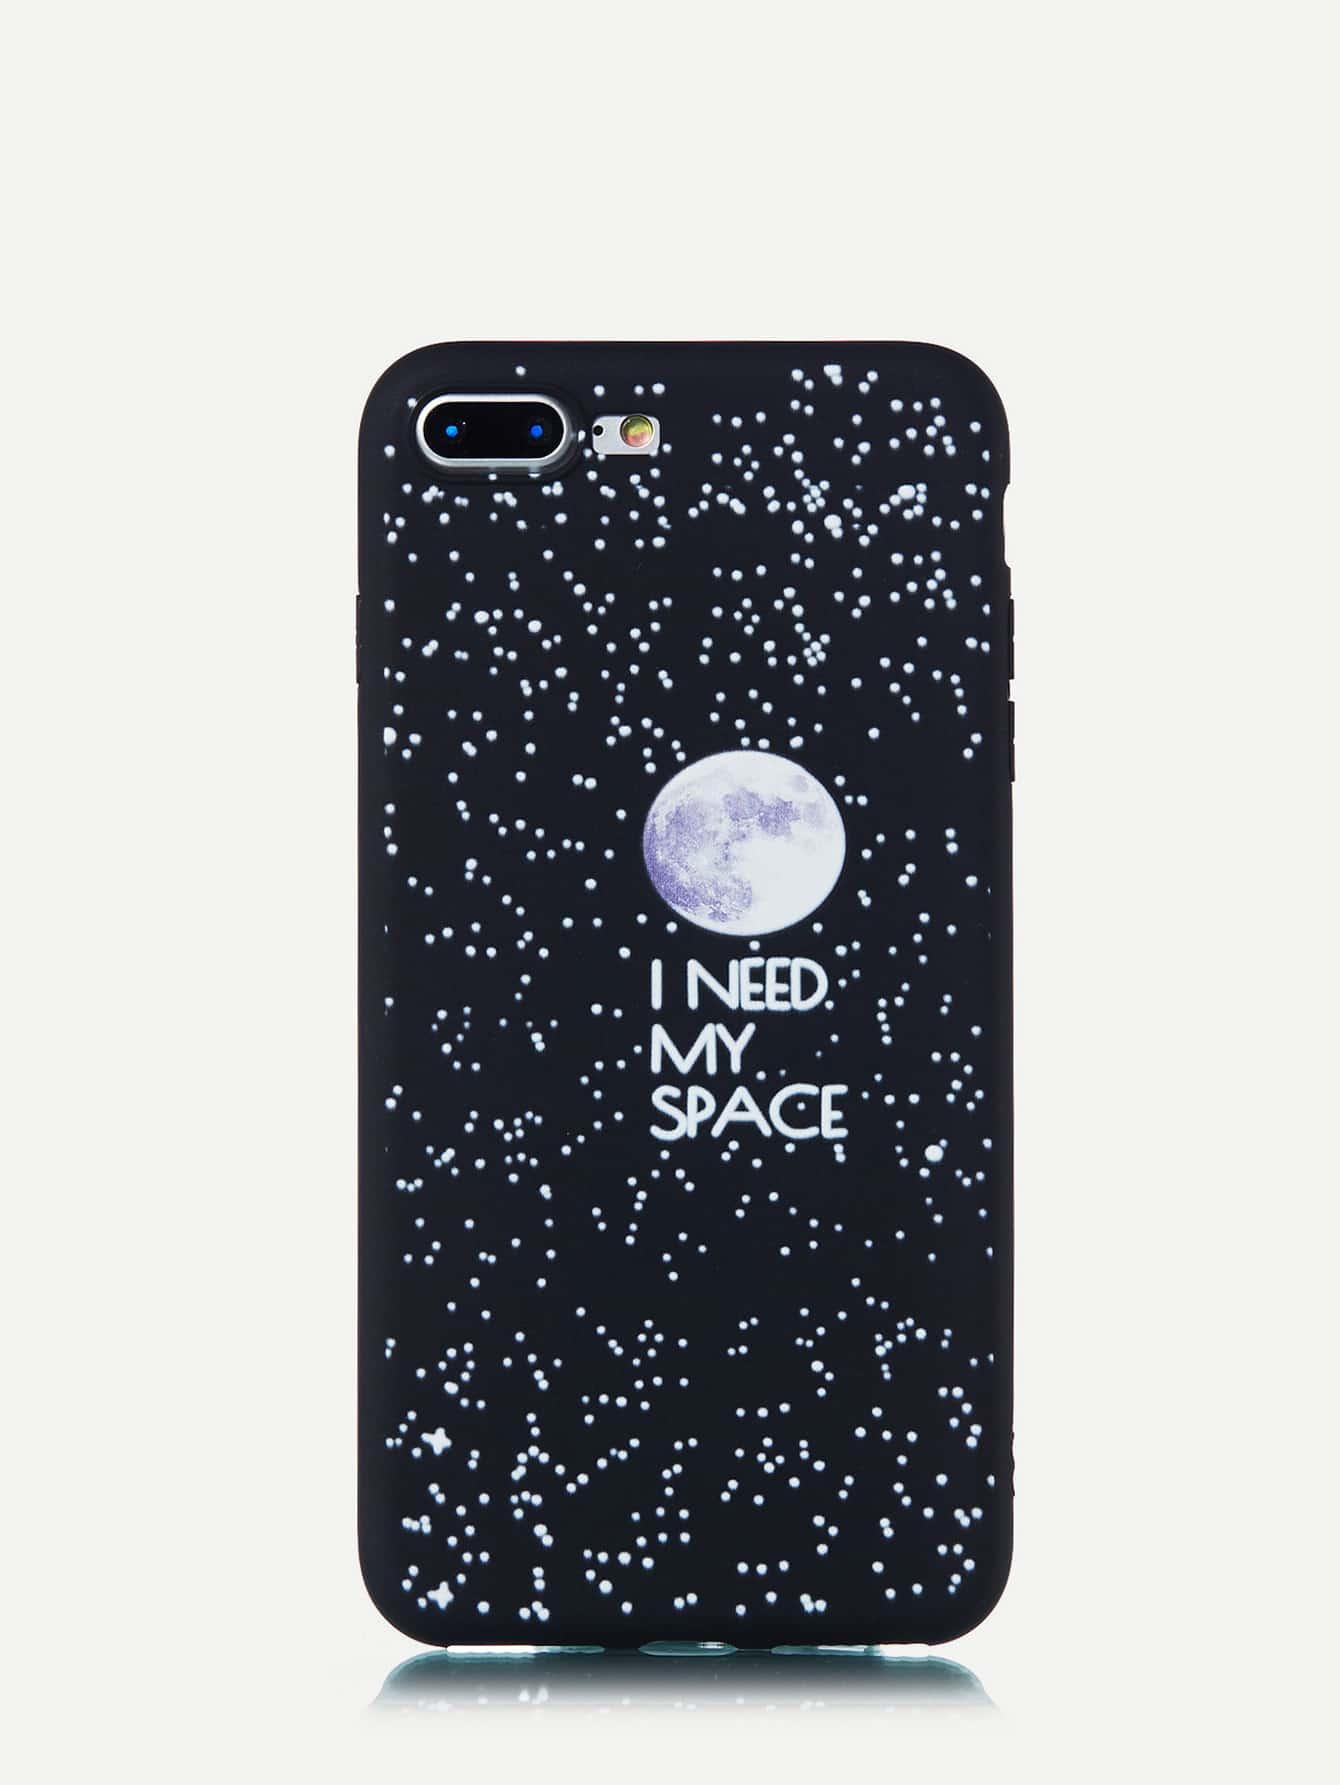 Купить Чехол для iPhone с лозунгом и космическим рисунком, null, SheIn